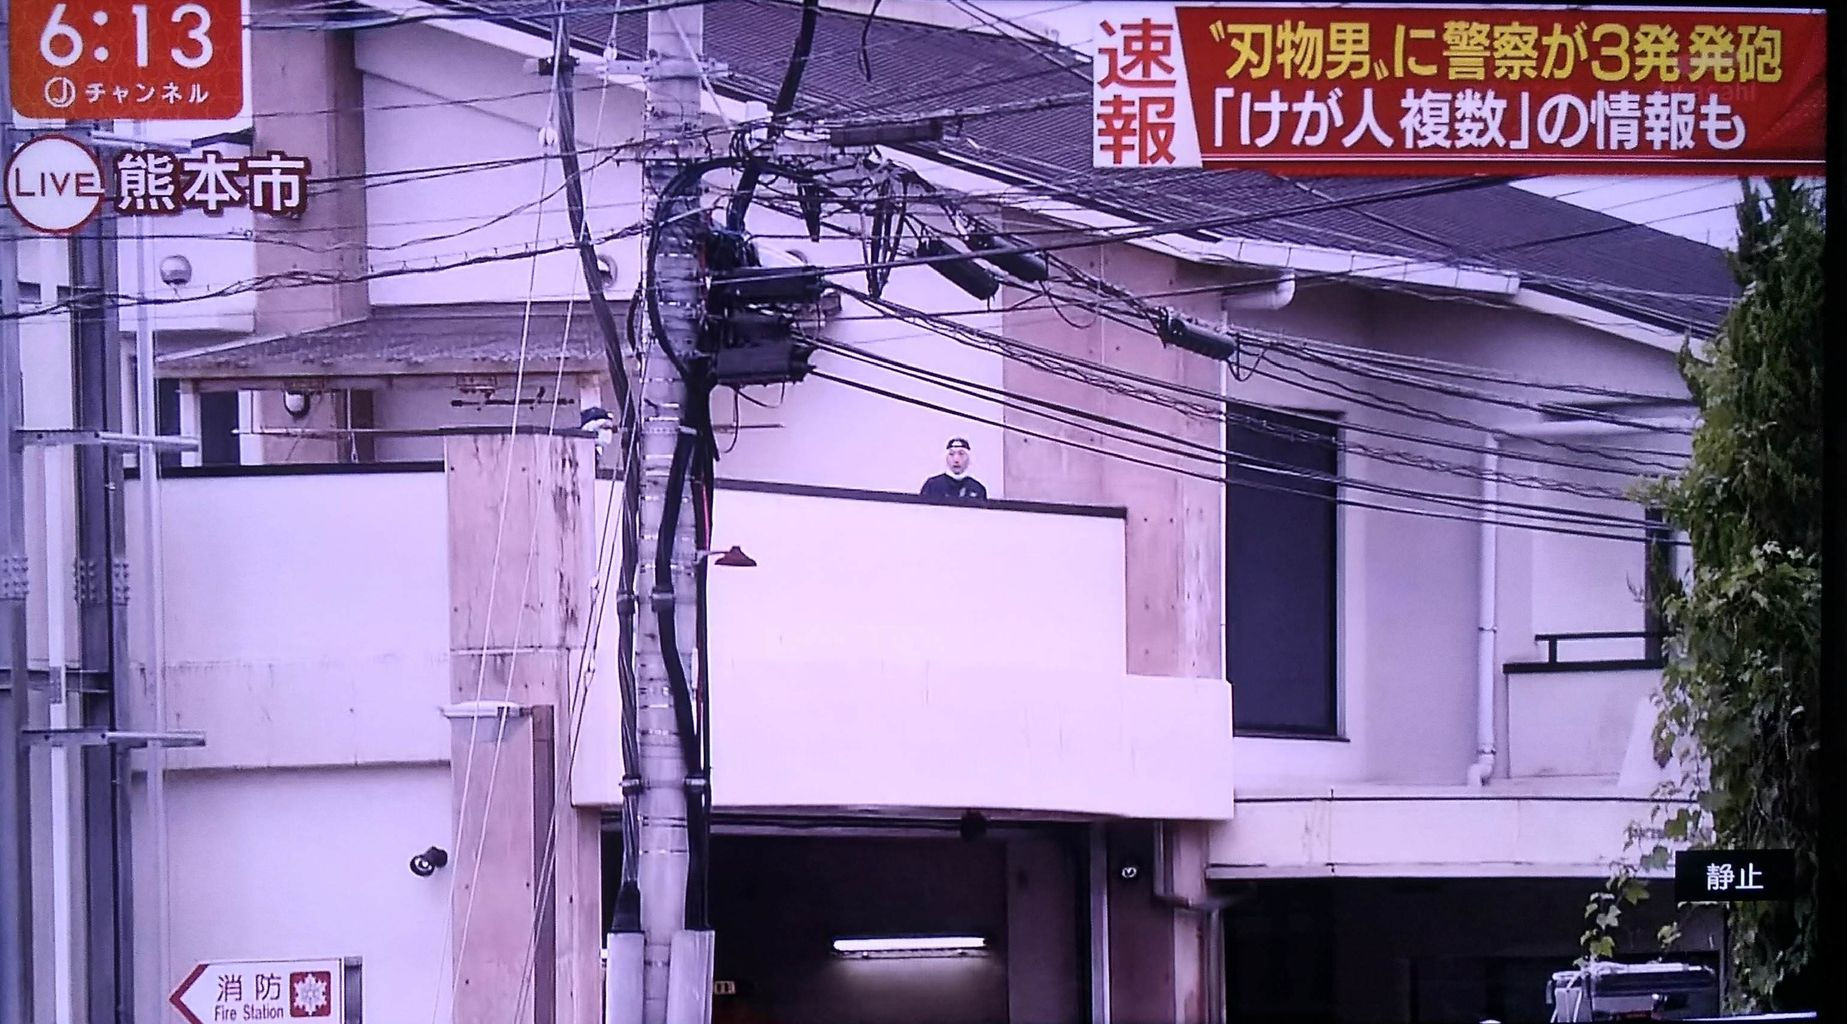 いまどきニュースNo1【速報】熊本市東区の住宅街で刃物で切りつけられ、多数のけが人が、1人が死亡か、身柄確保の情報も…コメントコメントする